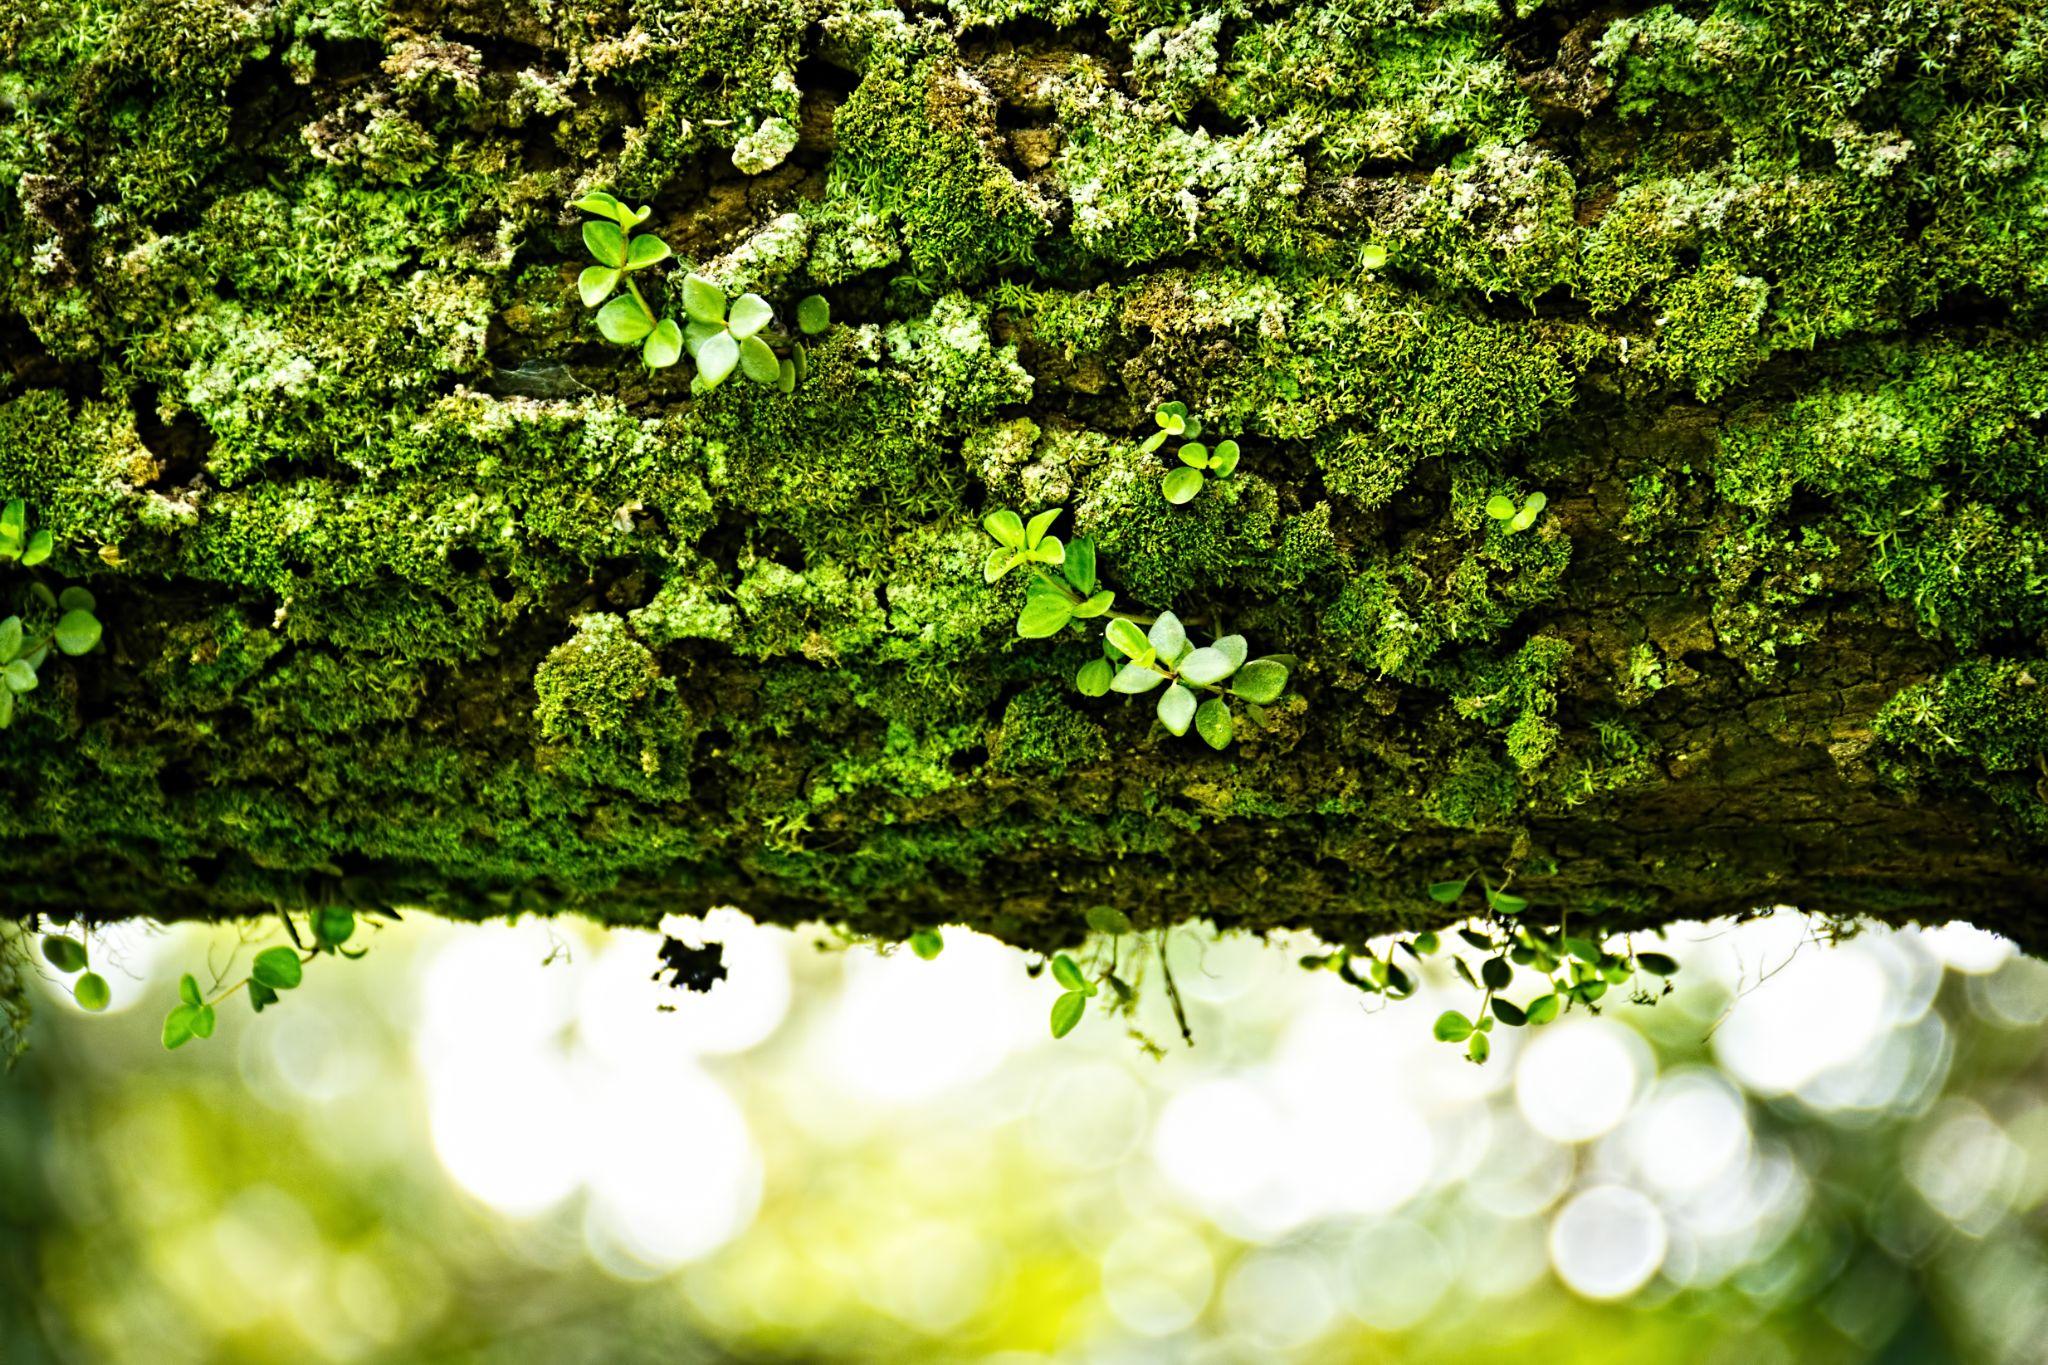 Tree bark. by Prem Swarup